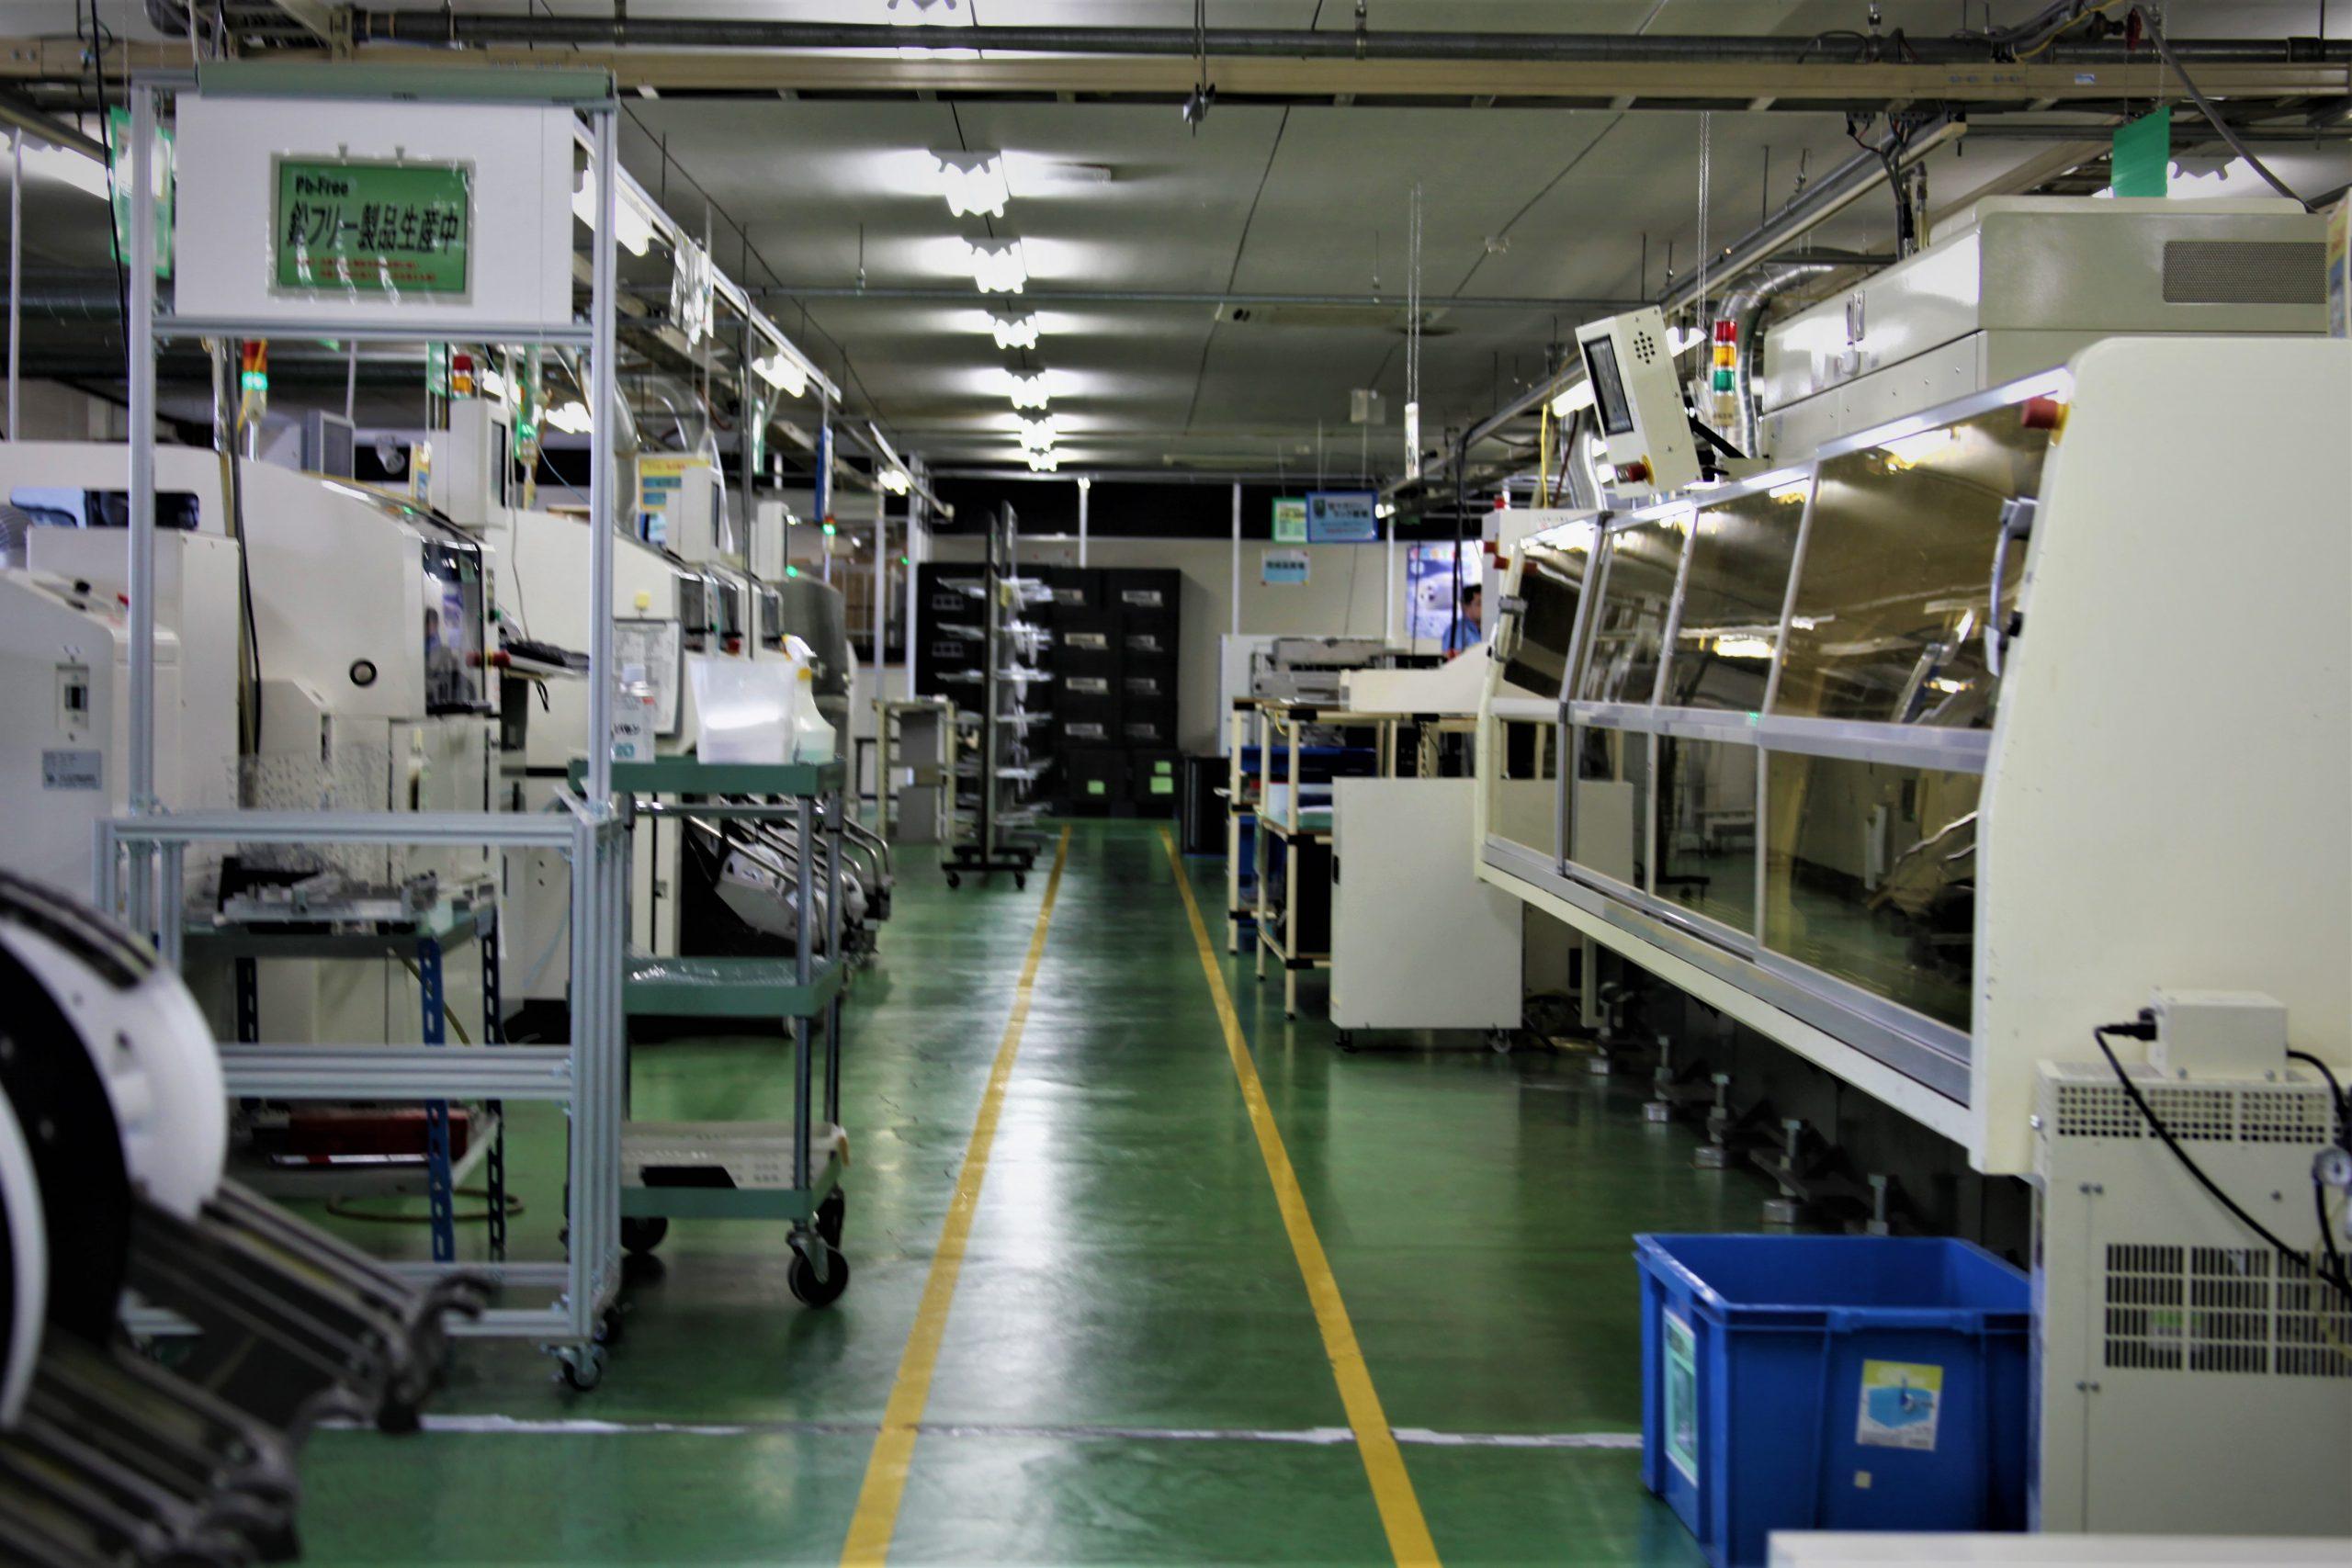 キレイに整理されている工場内部